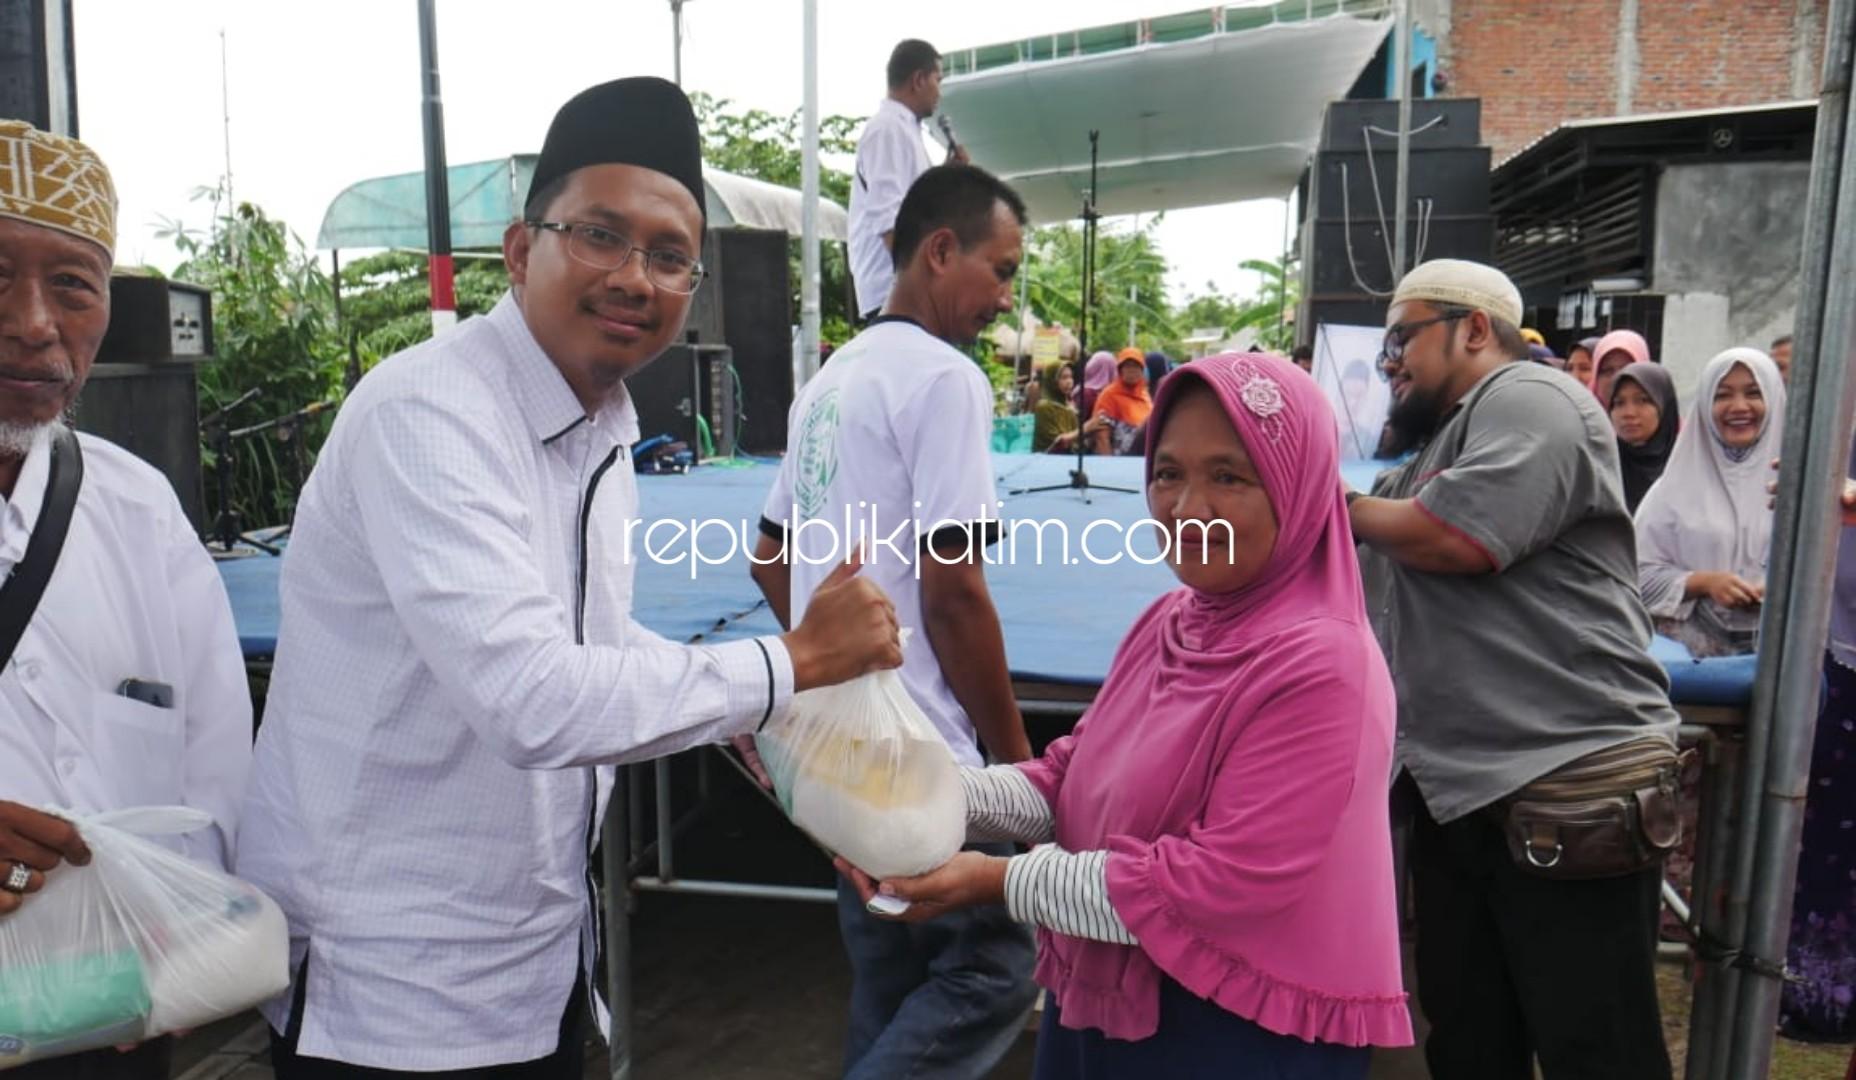 Pasar Murah Gus Muhdlor Diserbu Emak-Emak, 1.000 Paket Sembako Ludes Satu Jam